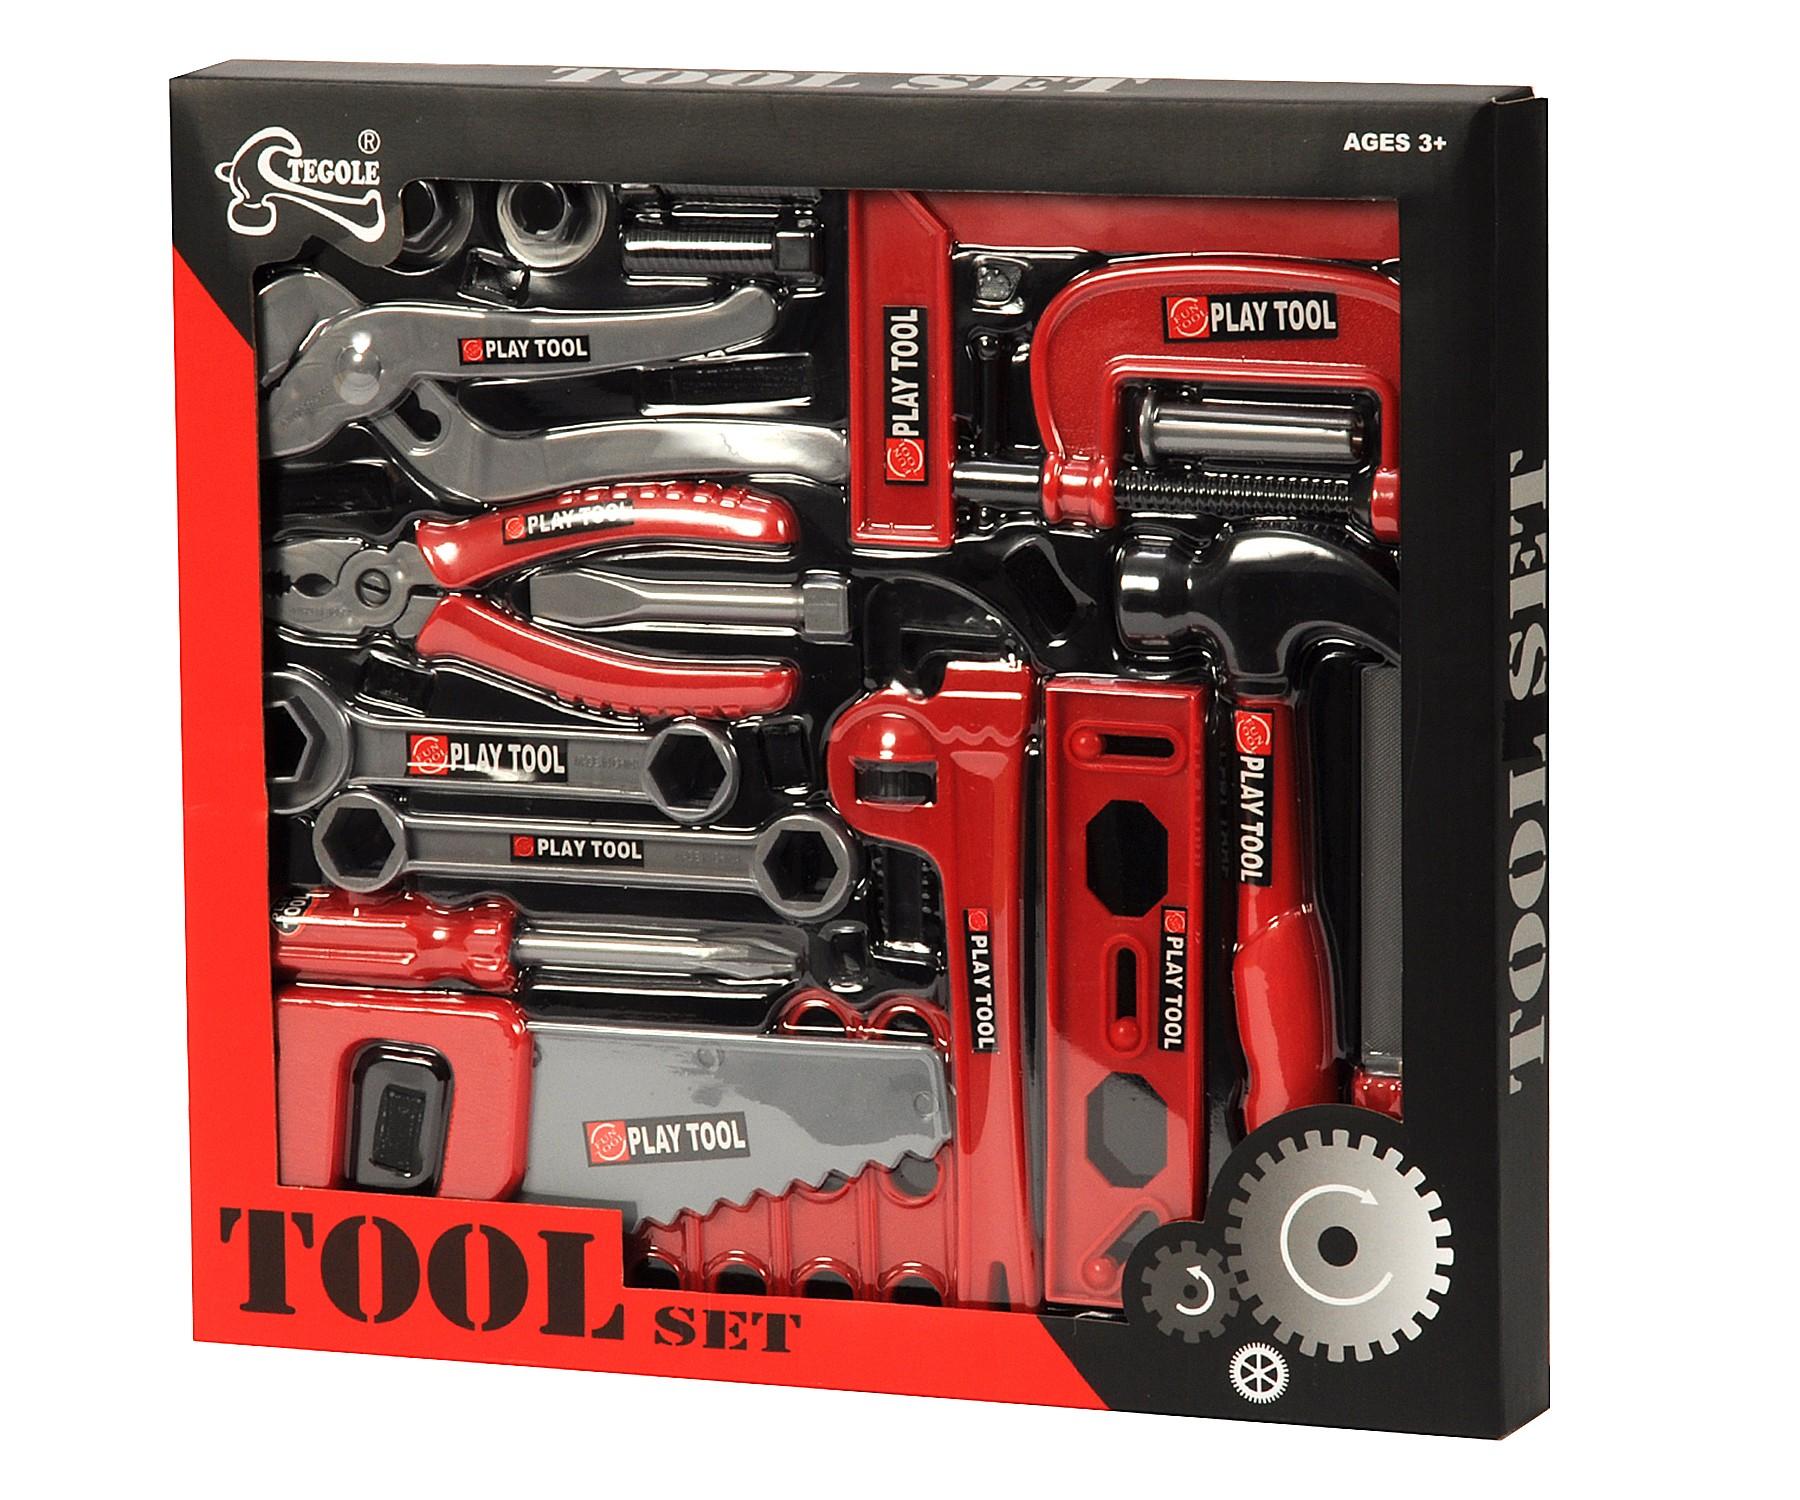 Tööriista komplekt